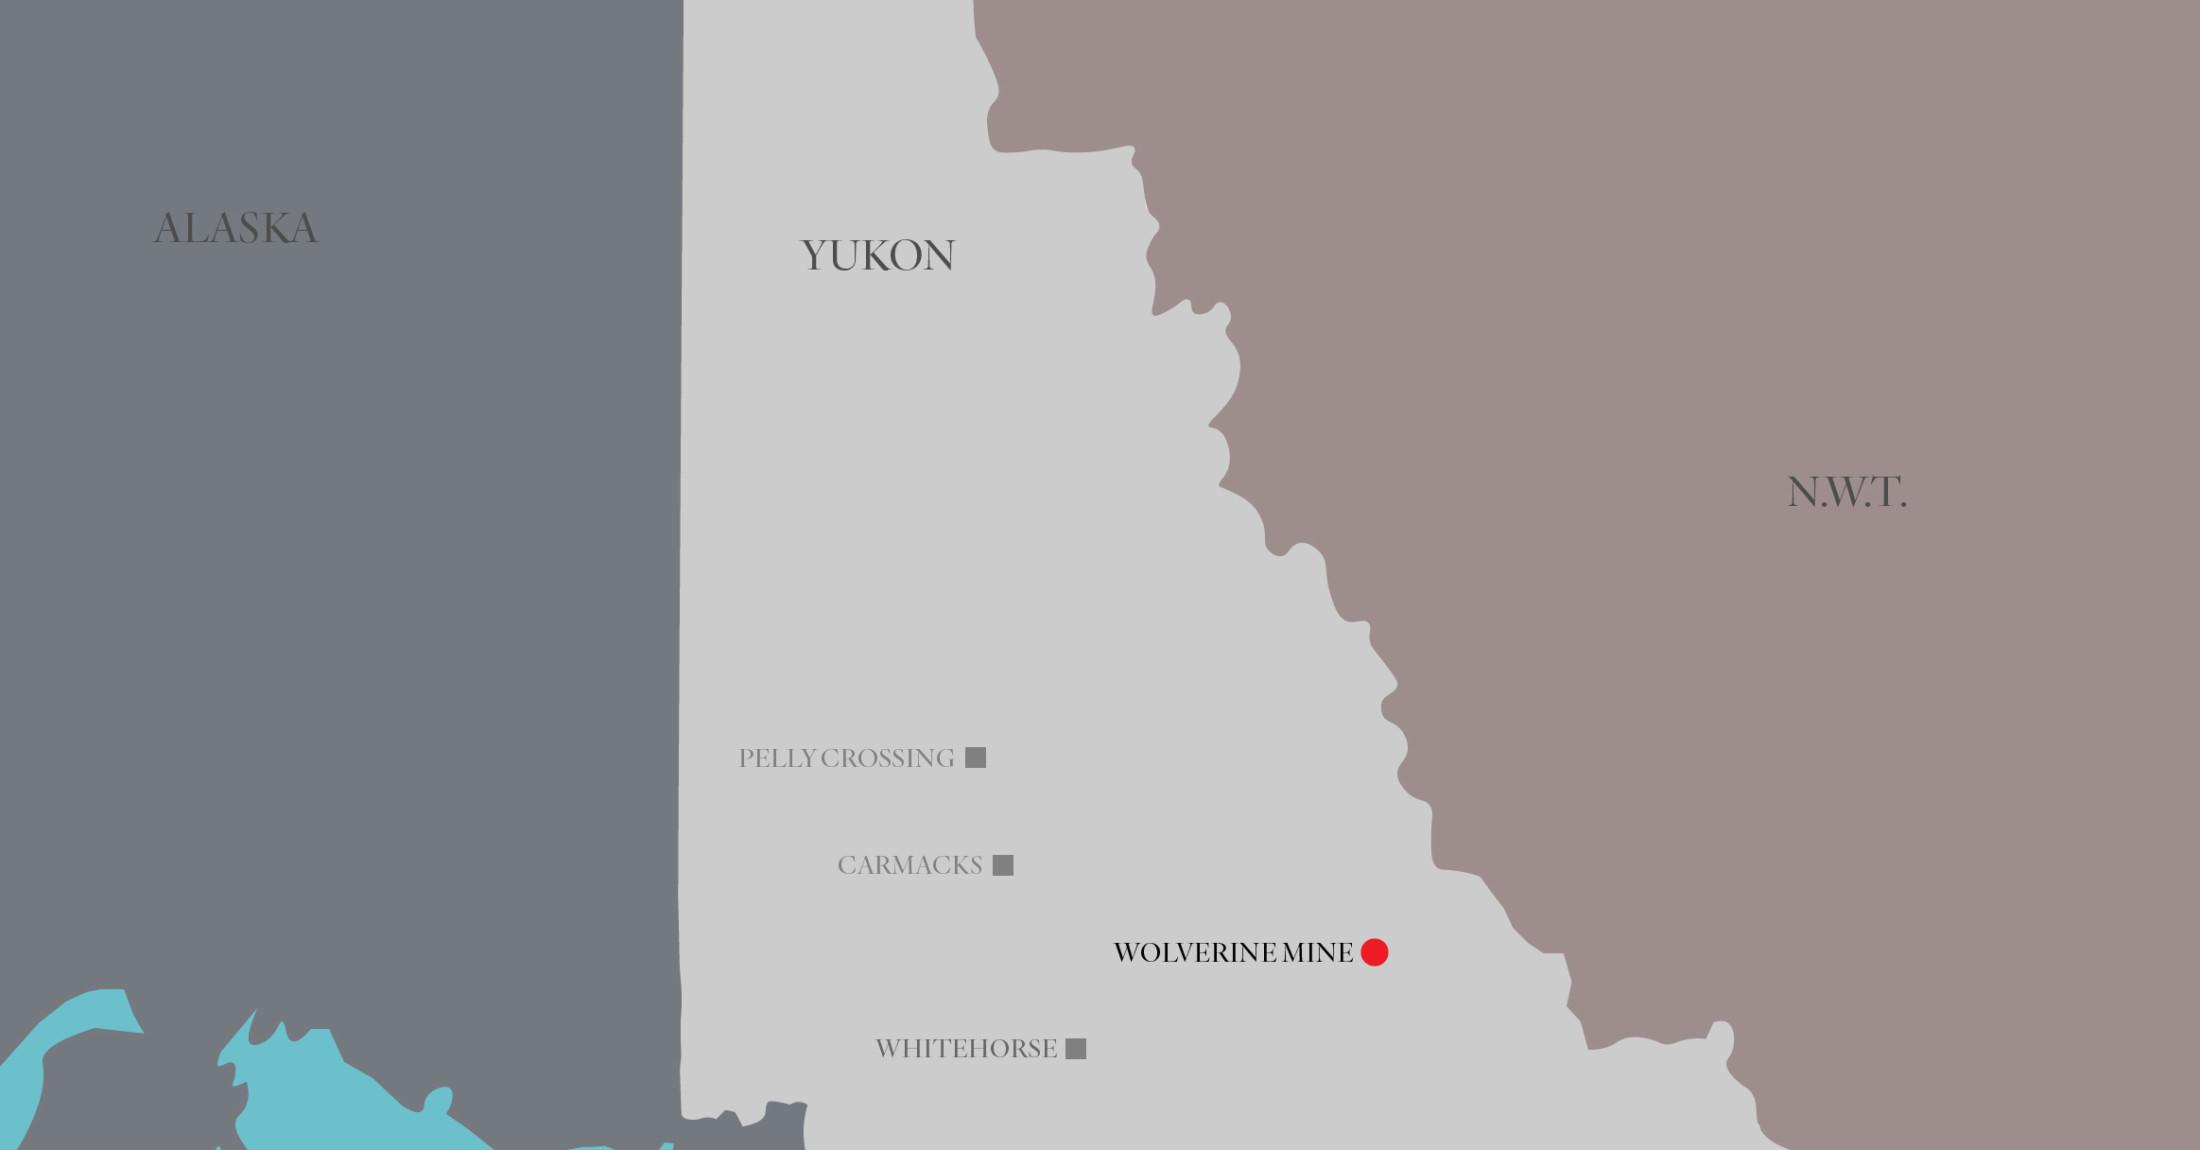 Wolverine Mine location map